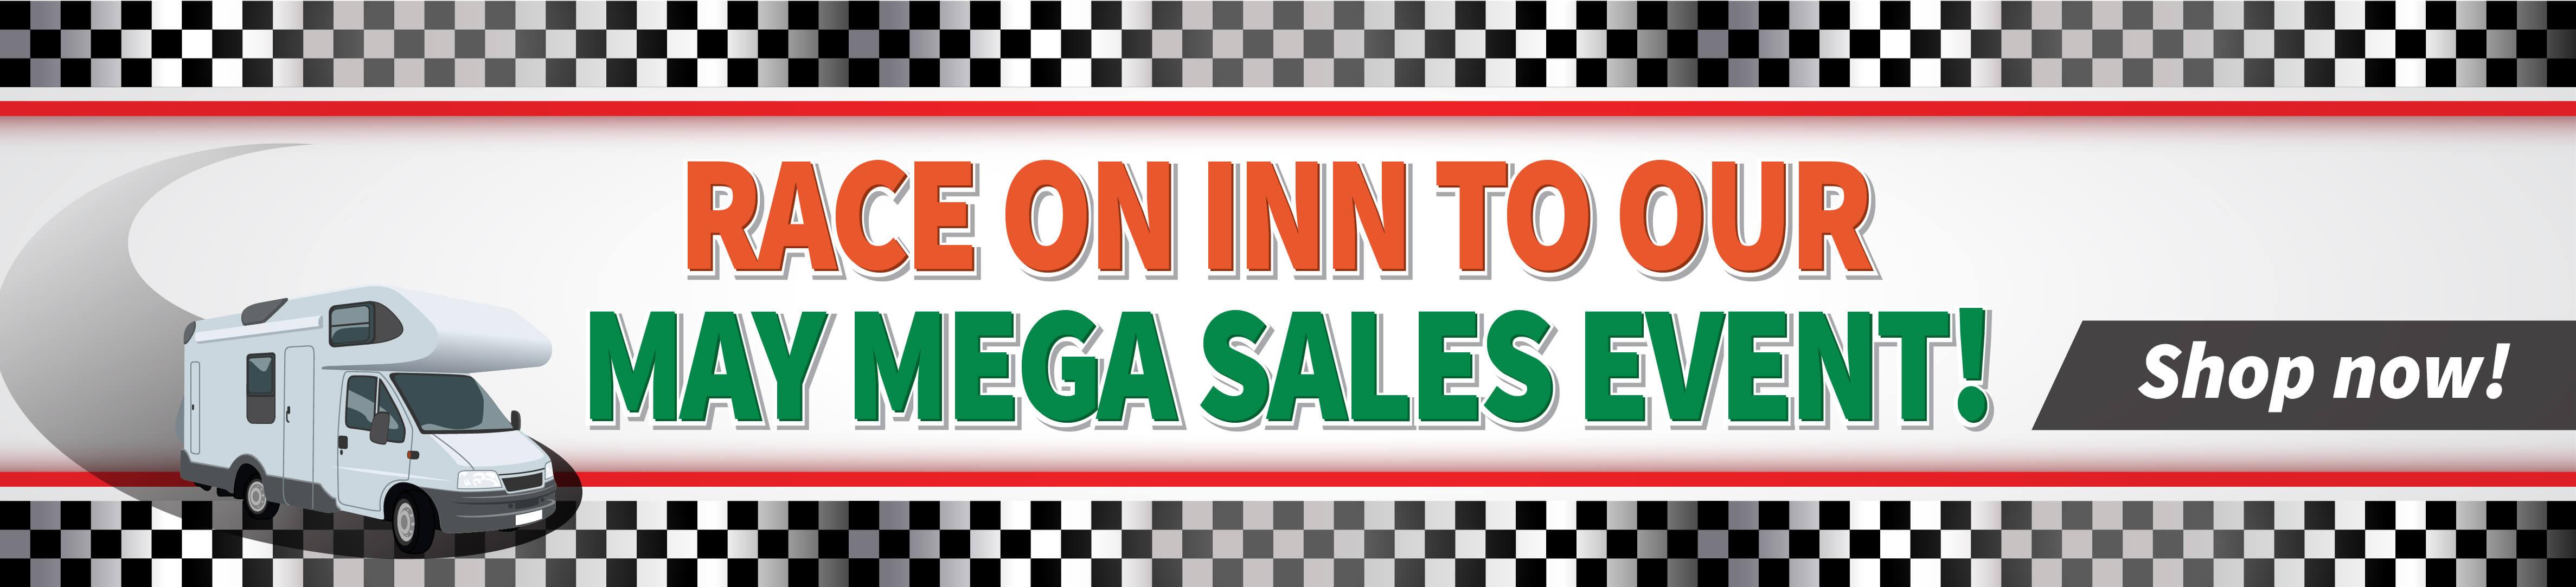 May Mega Sales Event